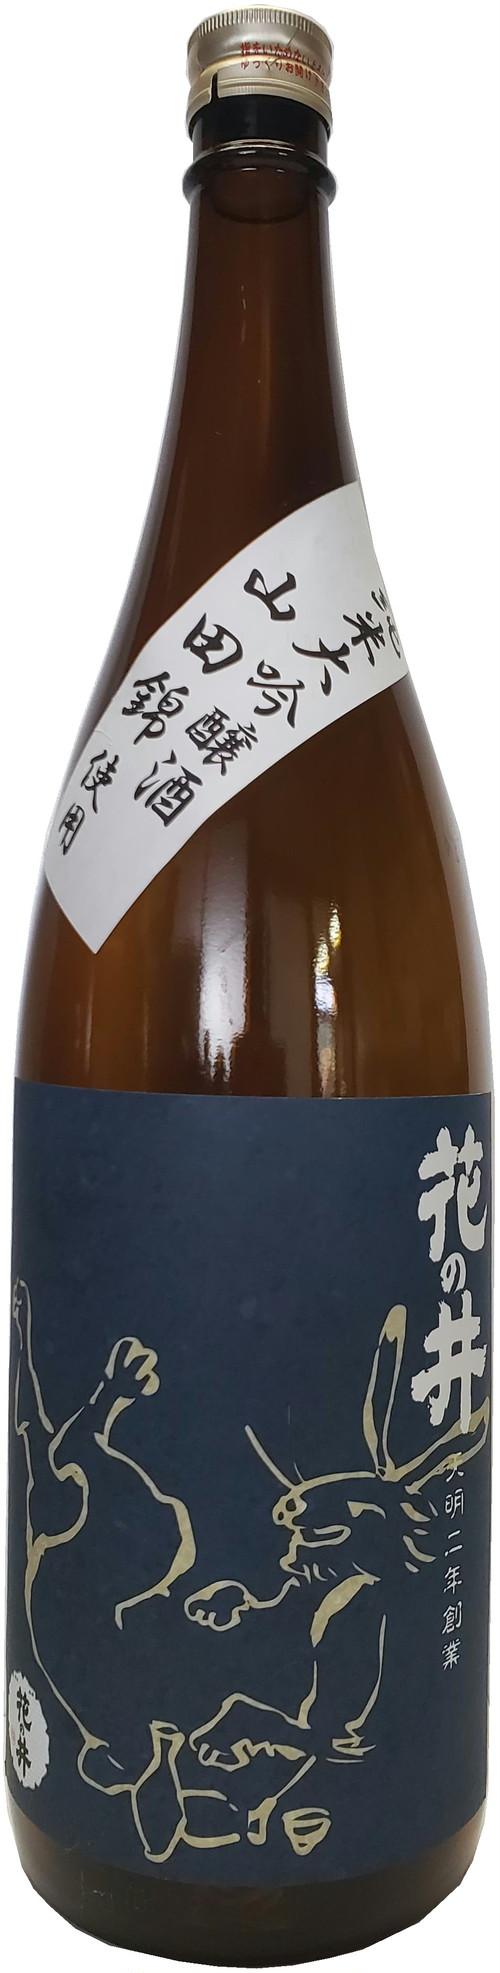 花の井 純米大吟醸酒 うさぎラベル 720ml